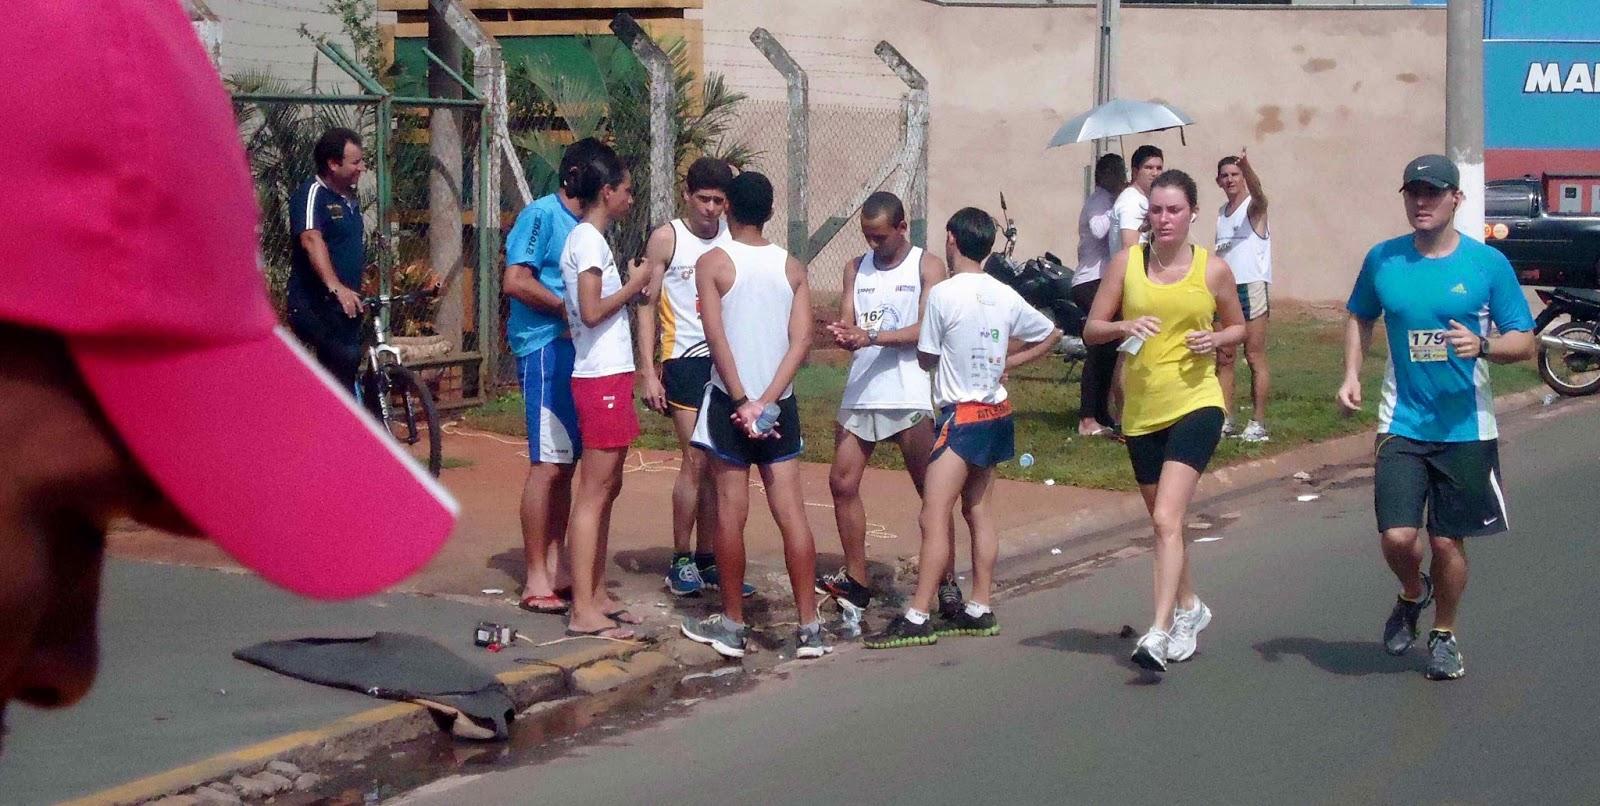 Foto 188 da 1ª Corrida Av. dos Coqueiros em Barretos-SP 14/04/2013 – Atletas cruzando a linha de chegada